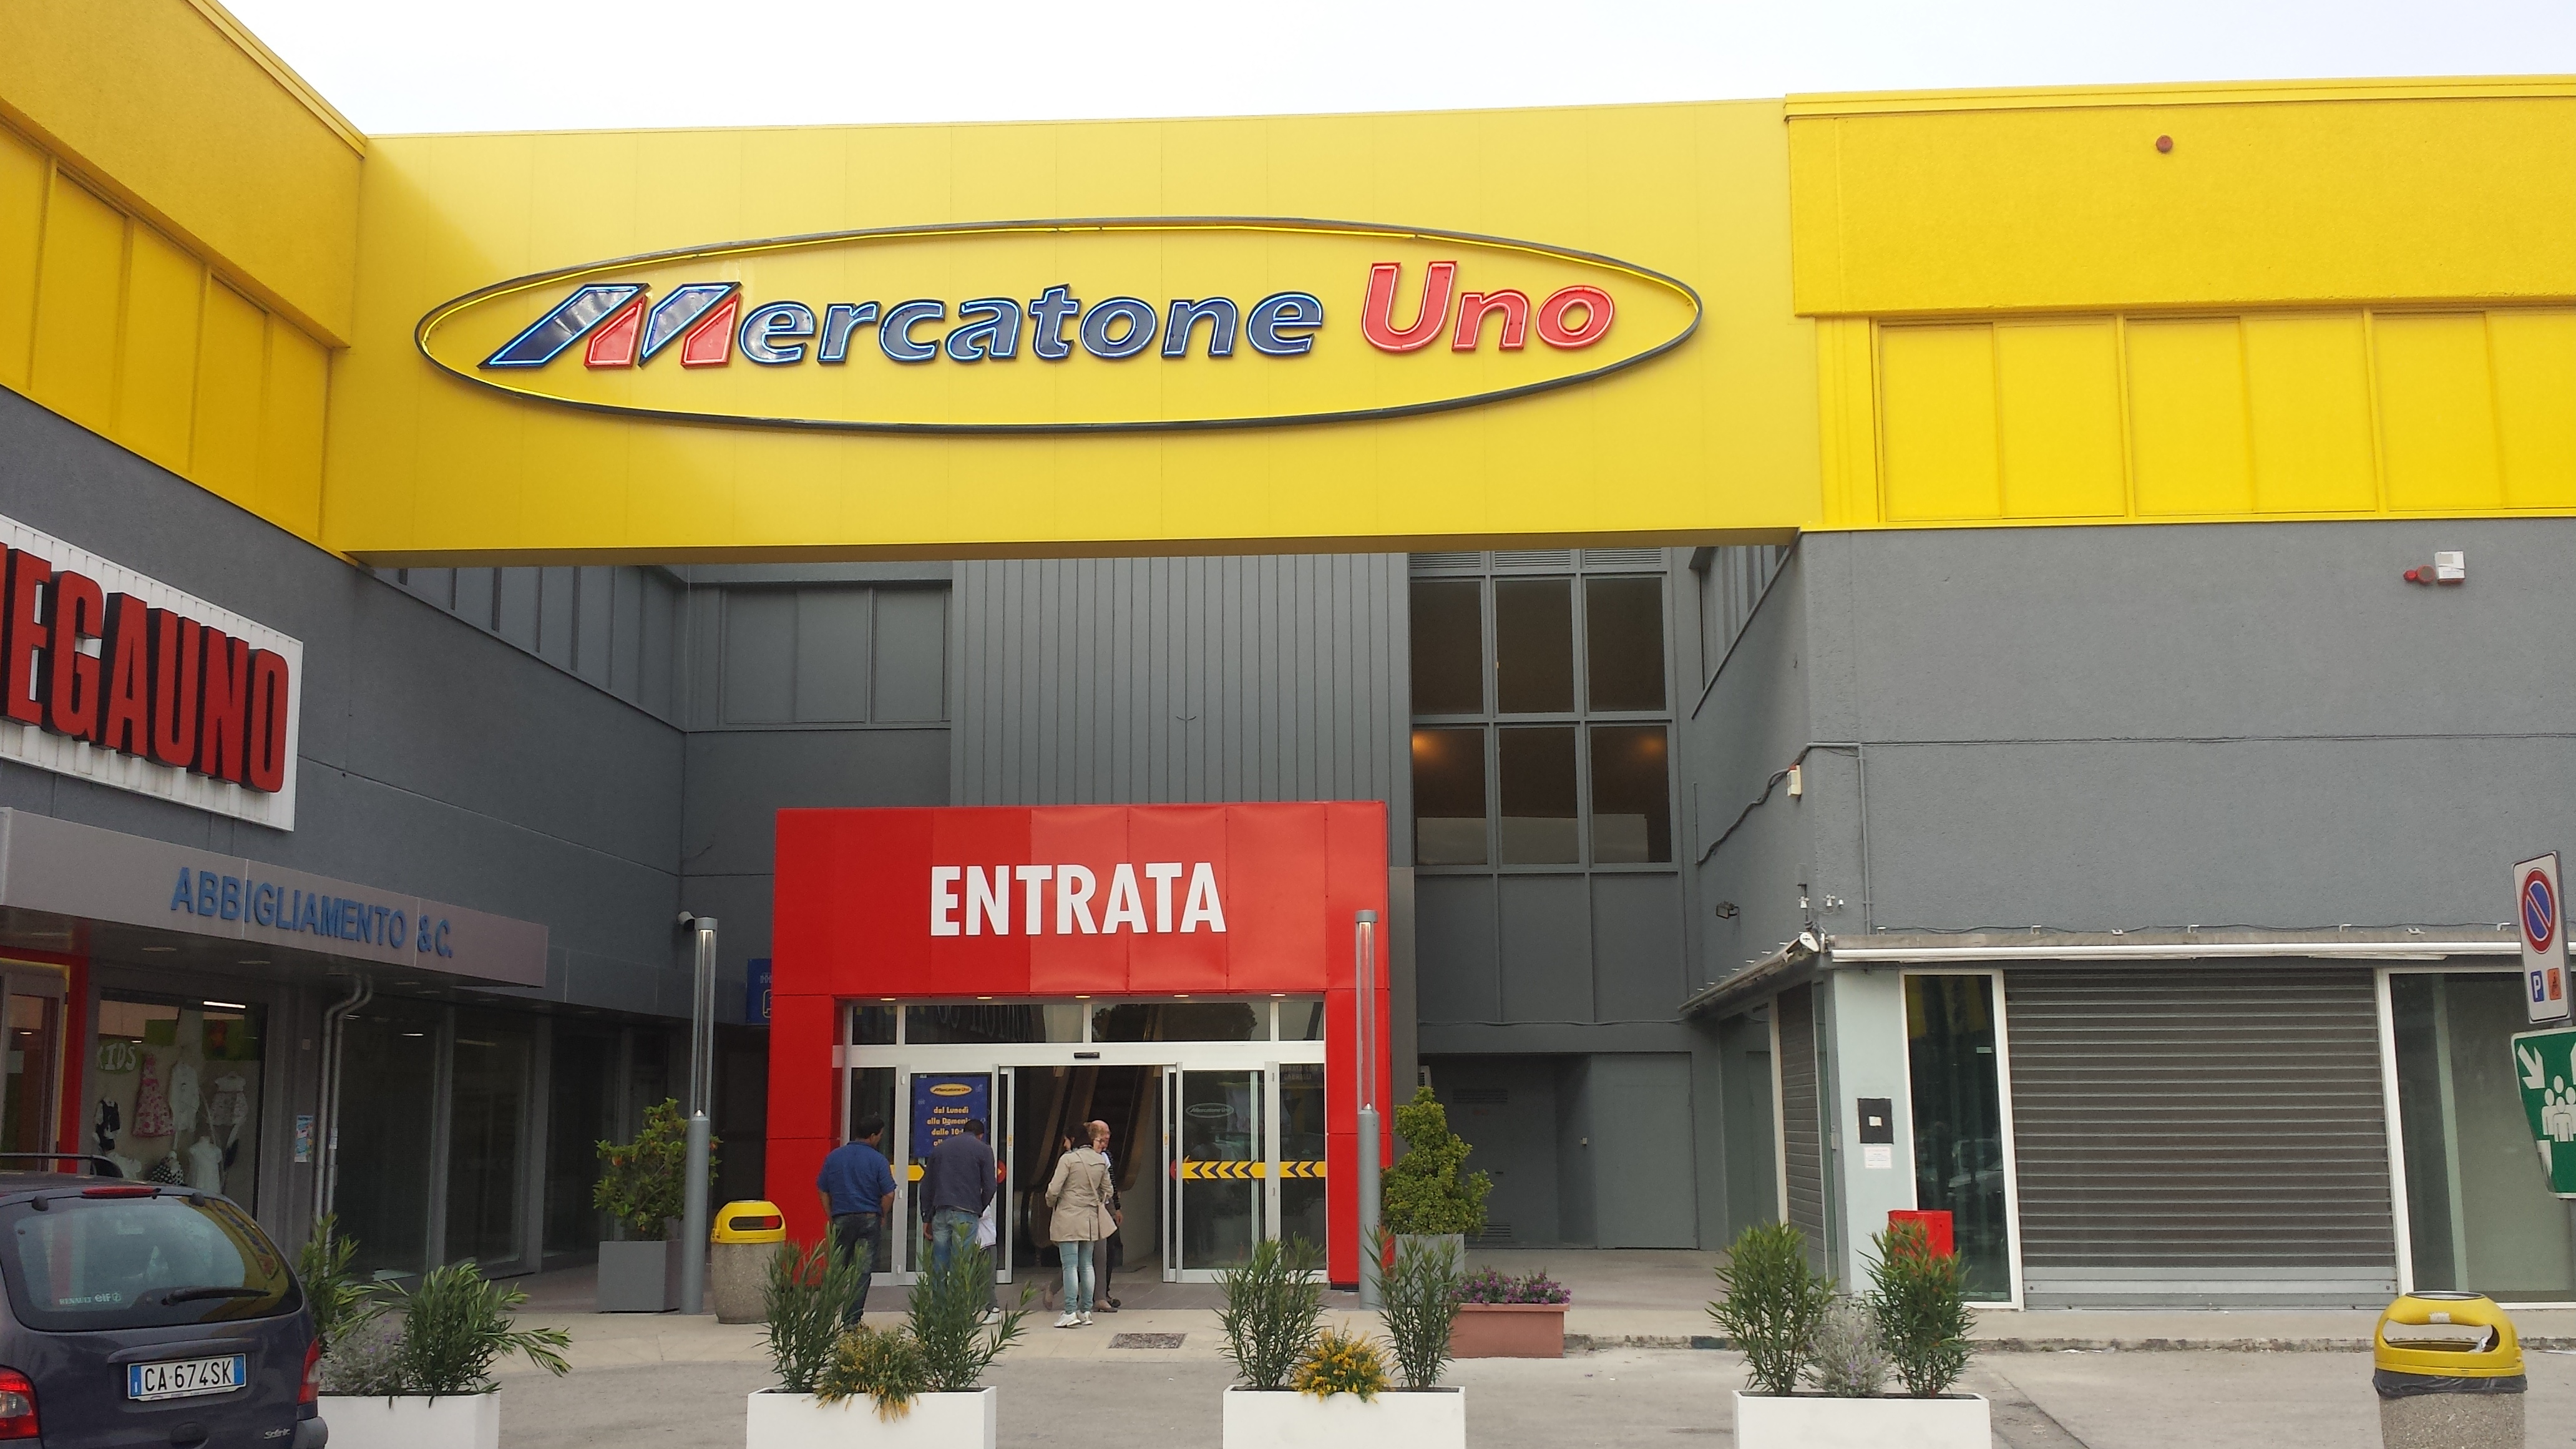 https://progecostrutture.com/wp-content/uploads/2016/07/totem_con_struttura_in_acciaio_zincato_e_tamponamento_in_alluminio_civitanova_marche284204.jpg